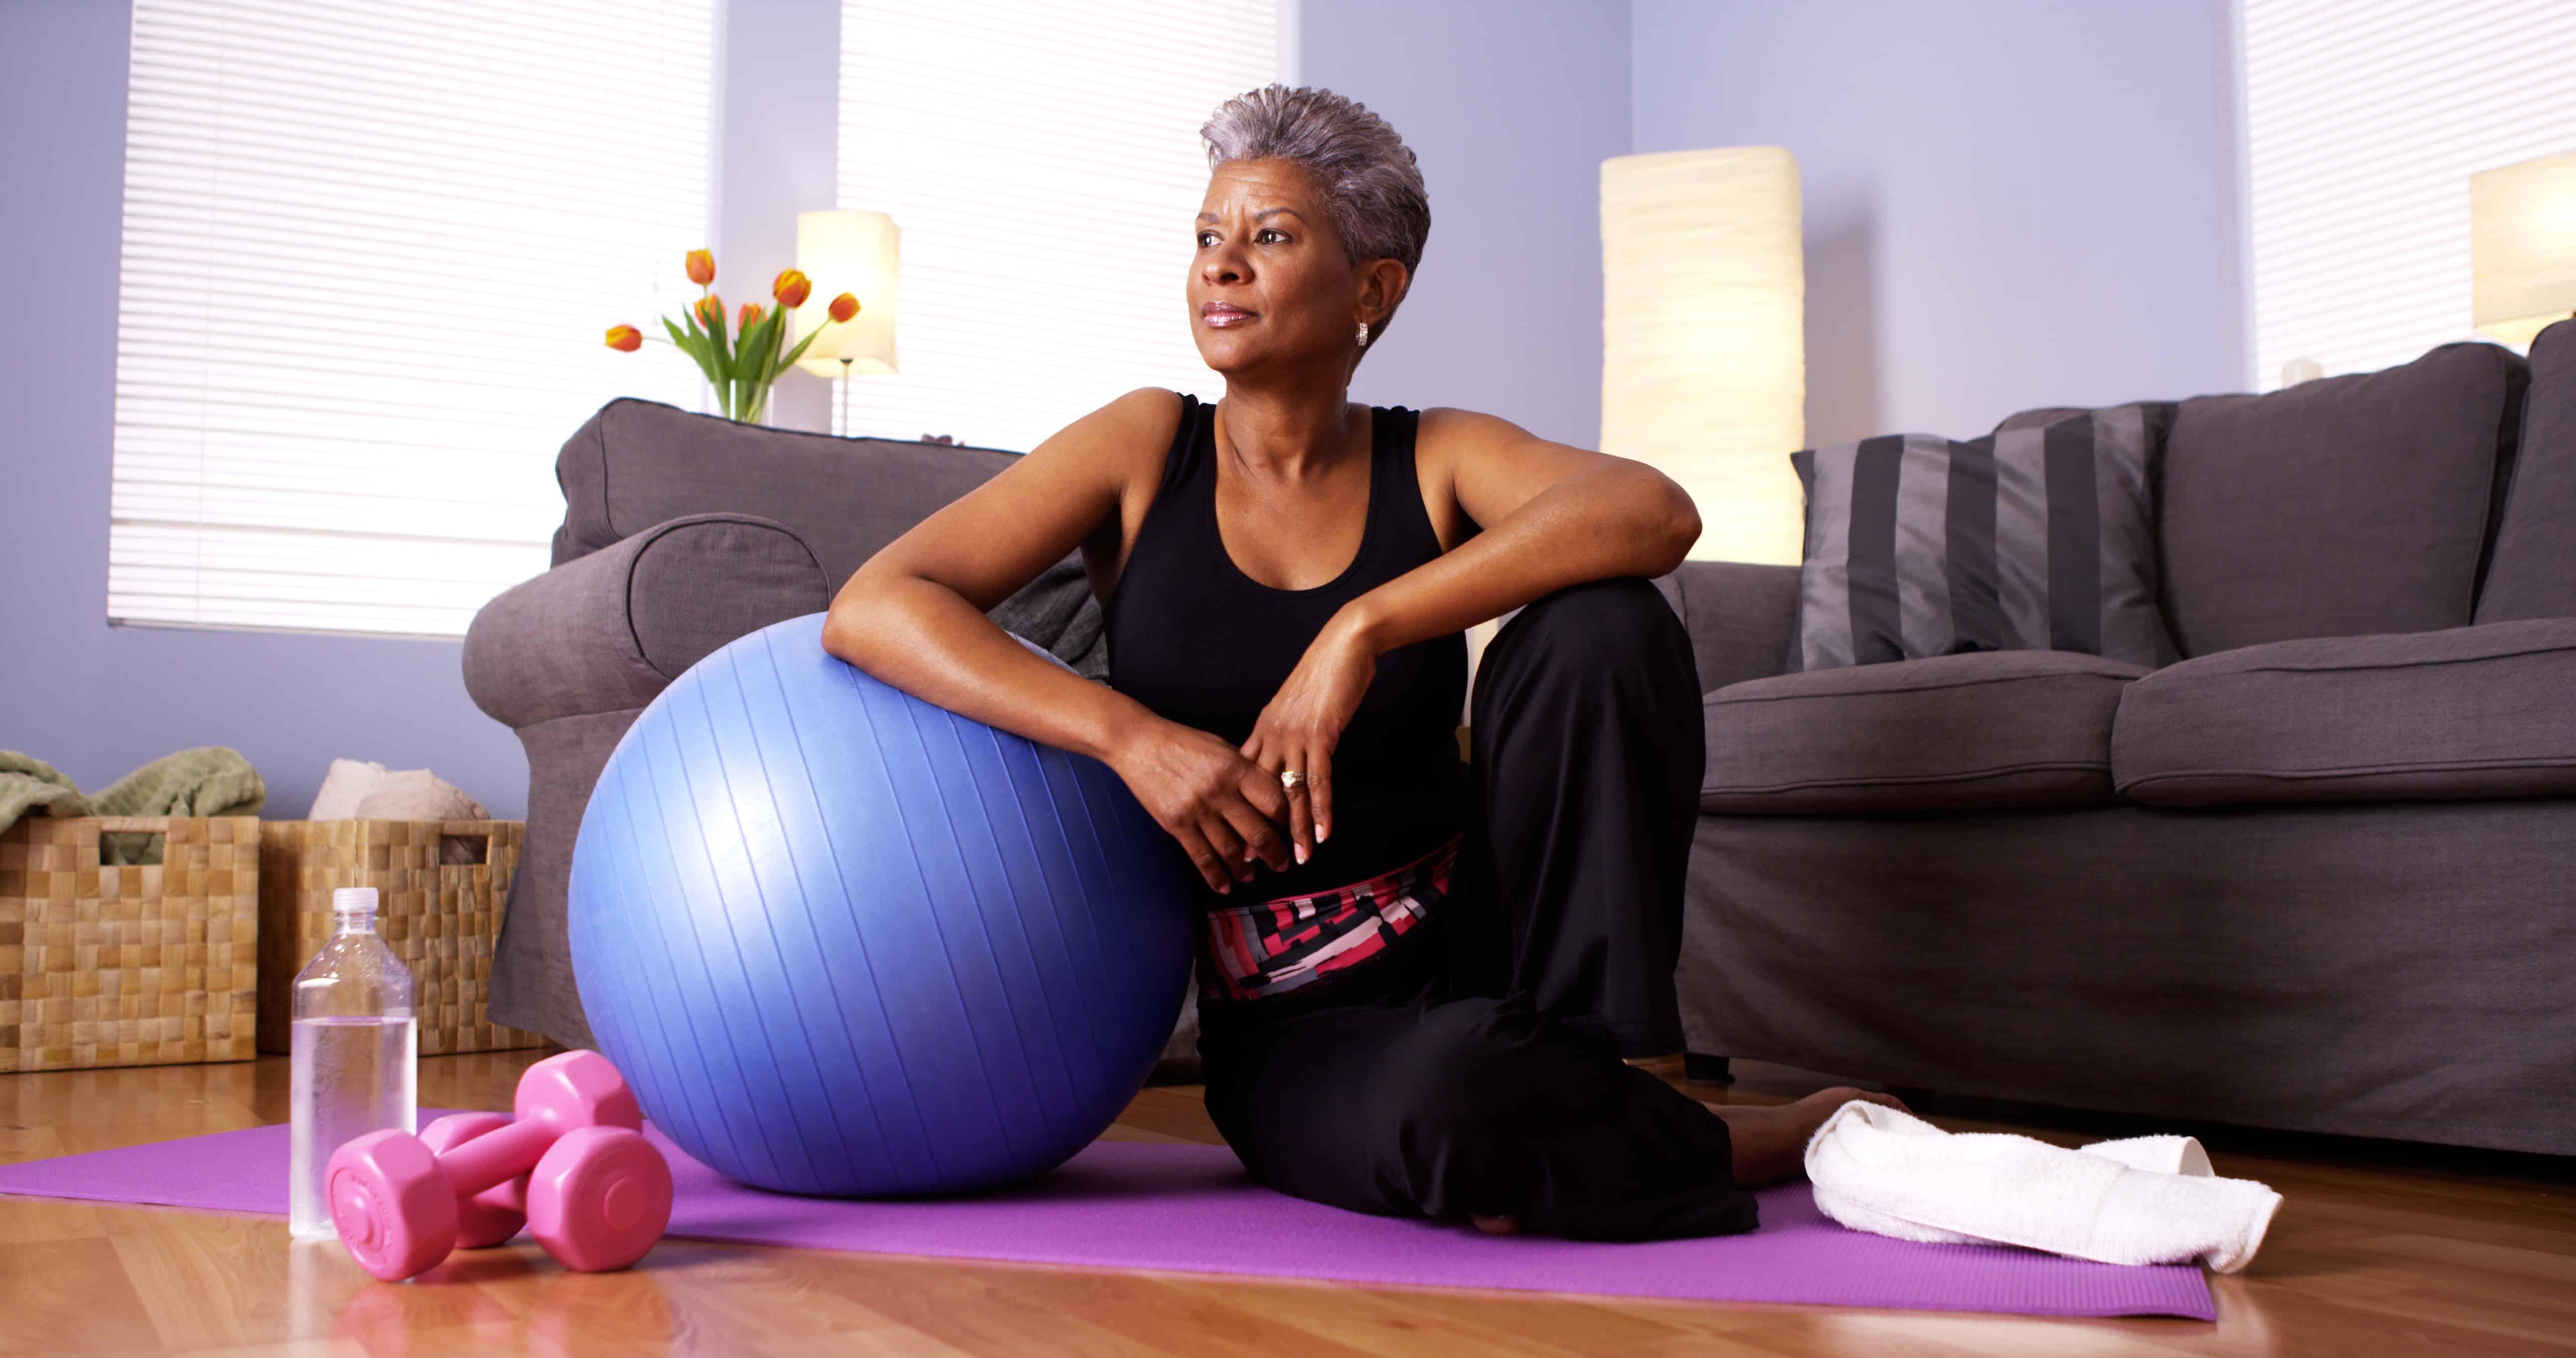 Senior Black woman sitting on floor